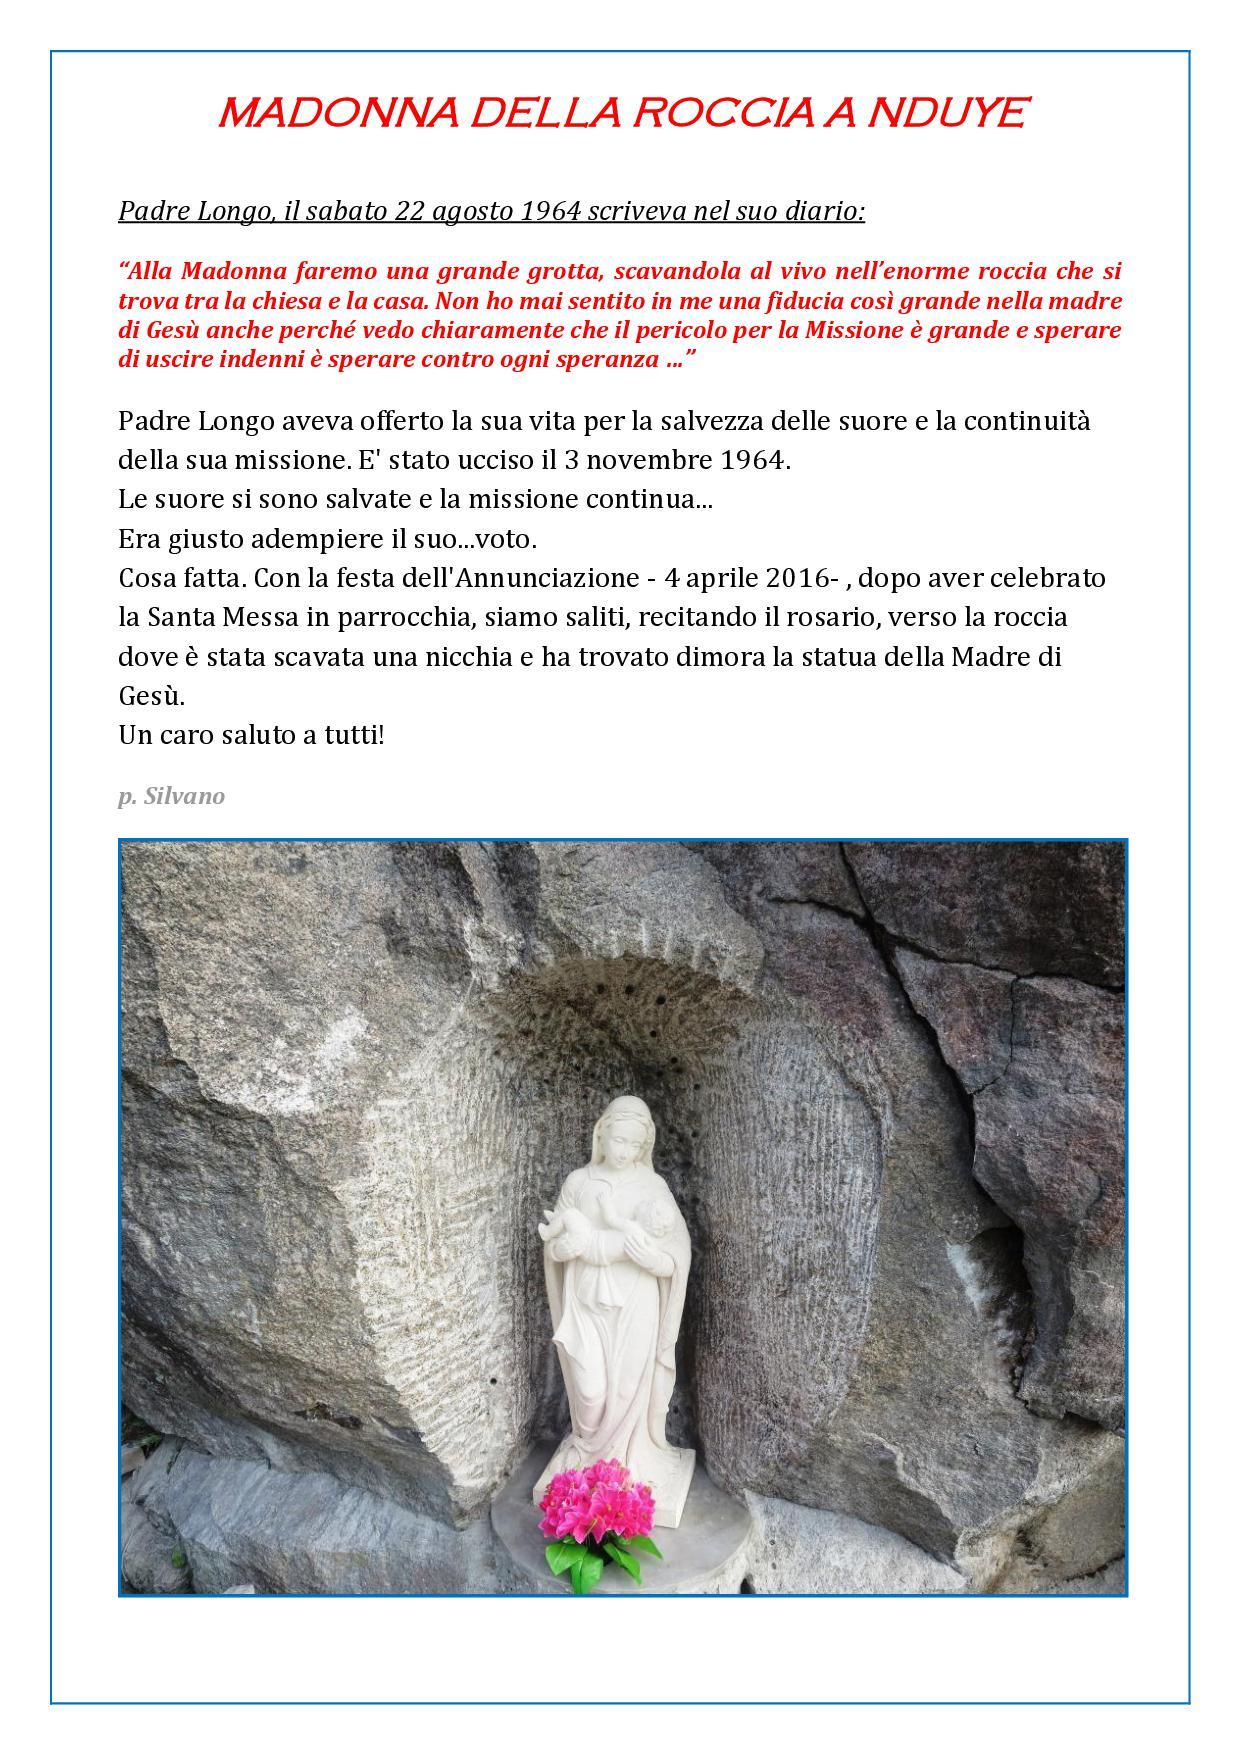 2016.04.04 Madonna della Roccia a Nduye-001